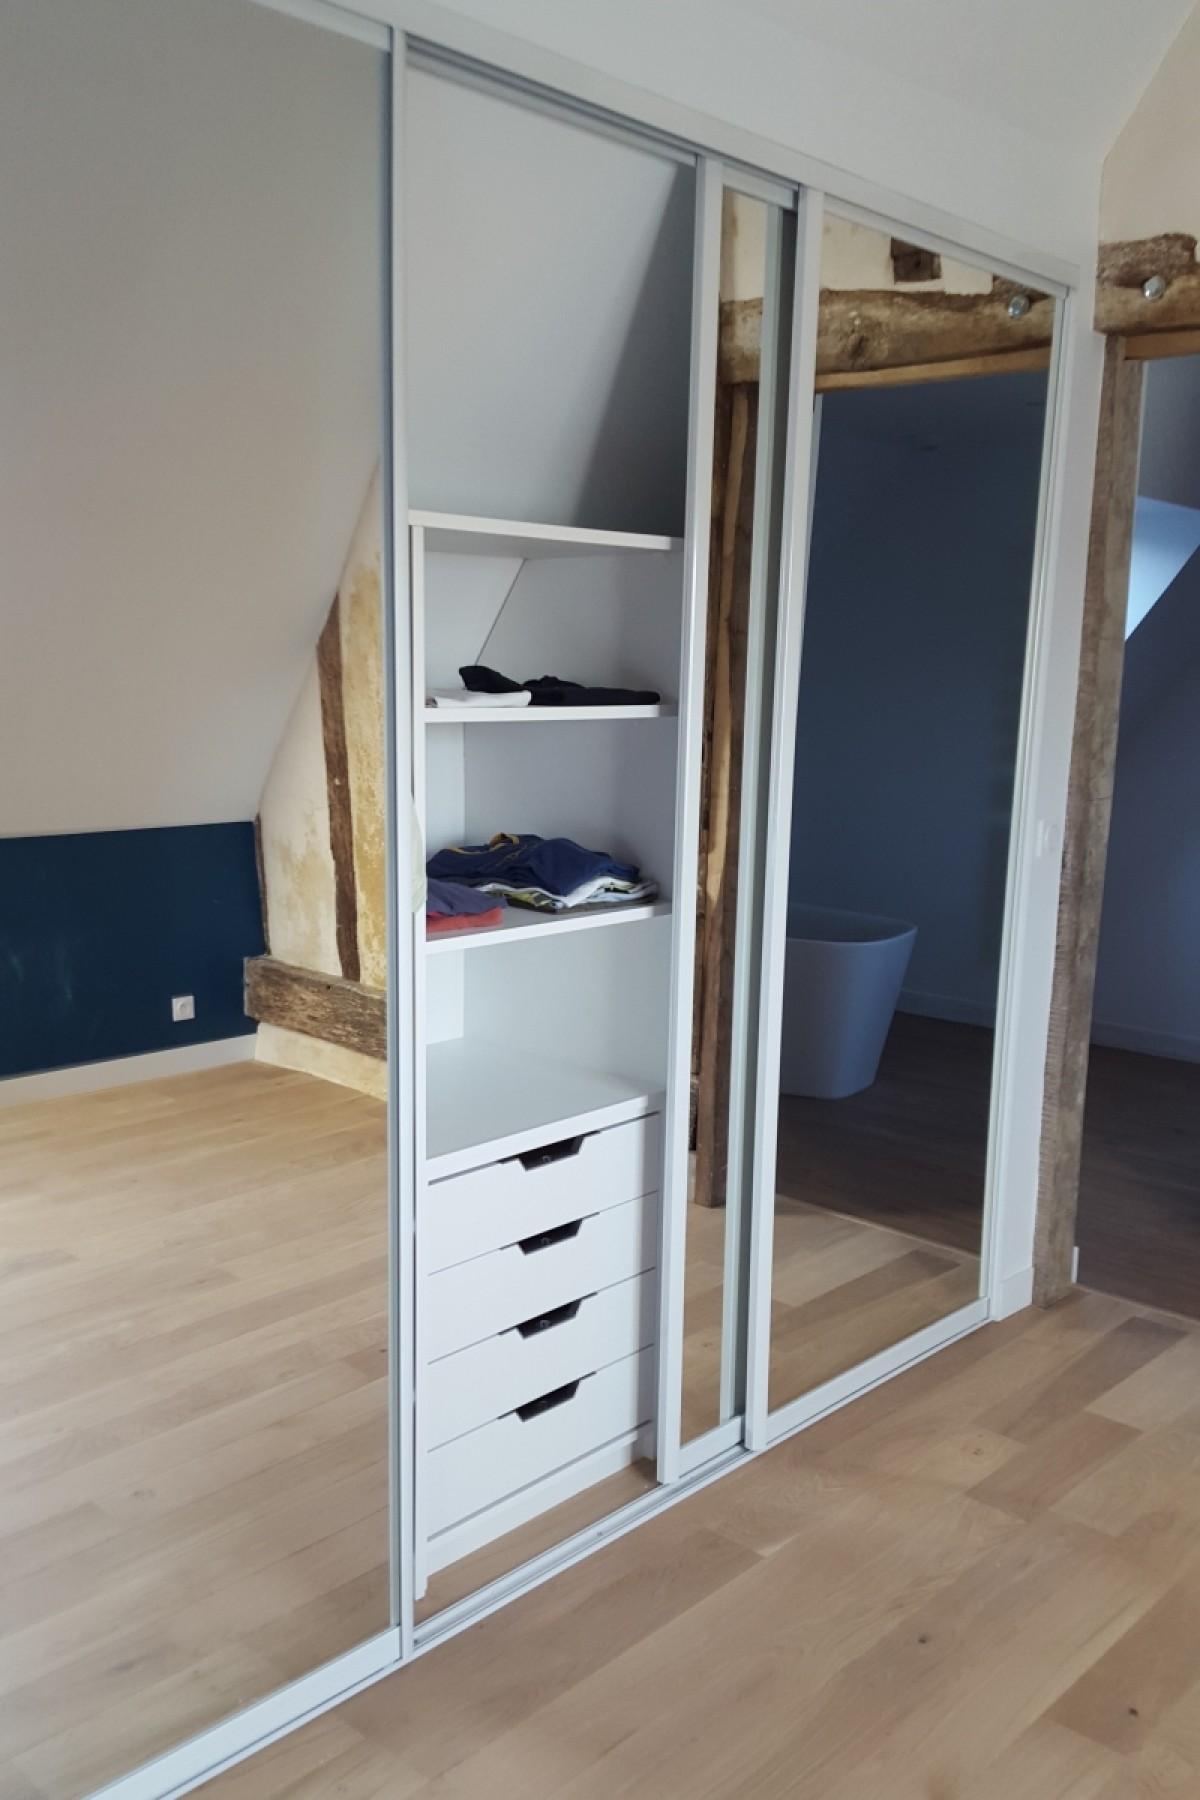 fabrication et pose de placard et de dressing sur mesure en ille et vilaine 35. Black Bedroom Furniture Sets. Home Design Ideas